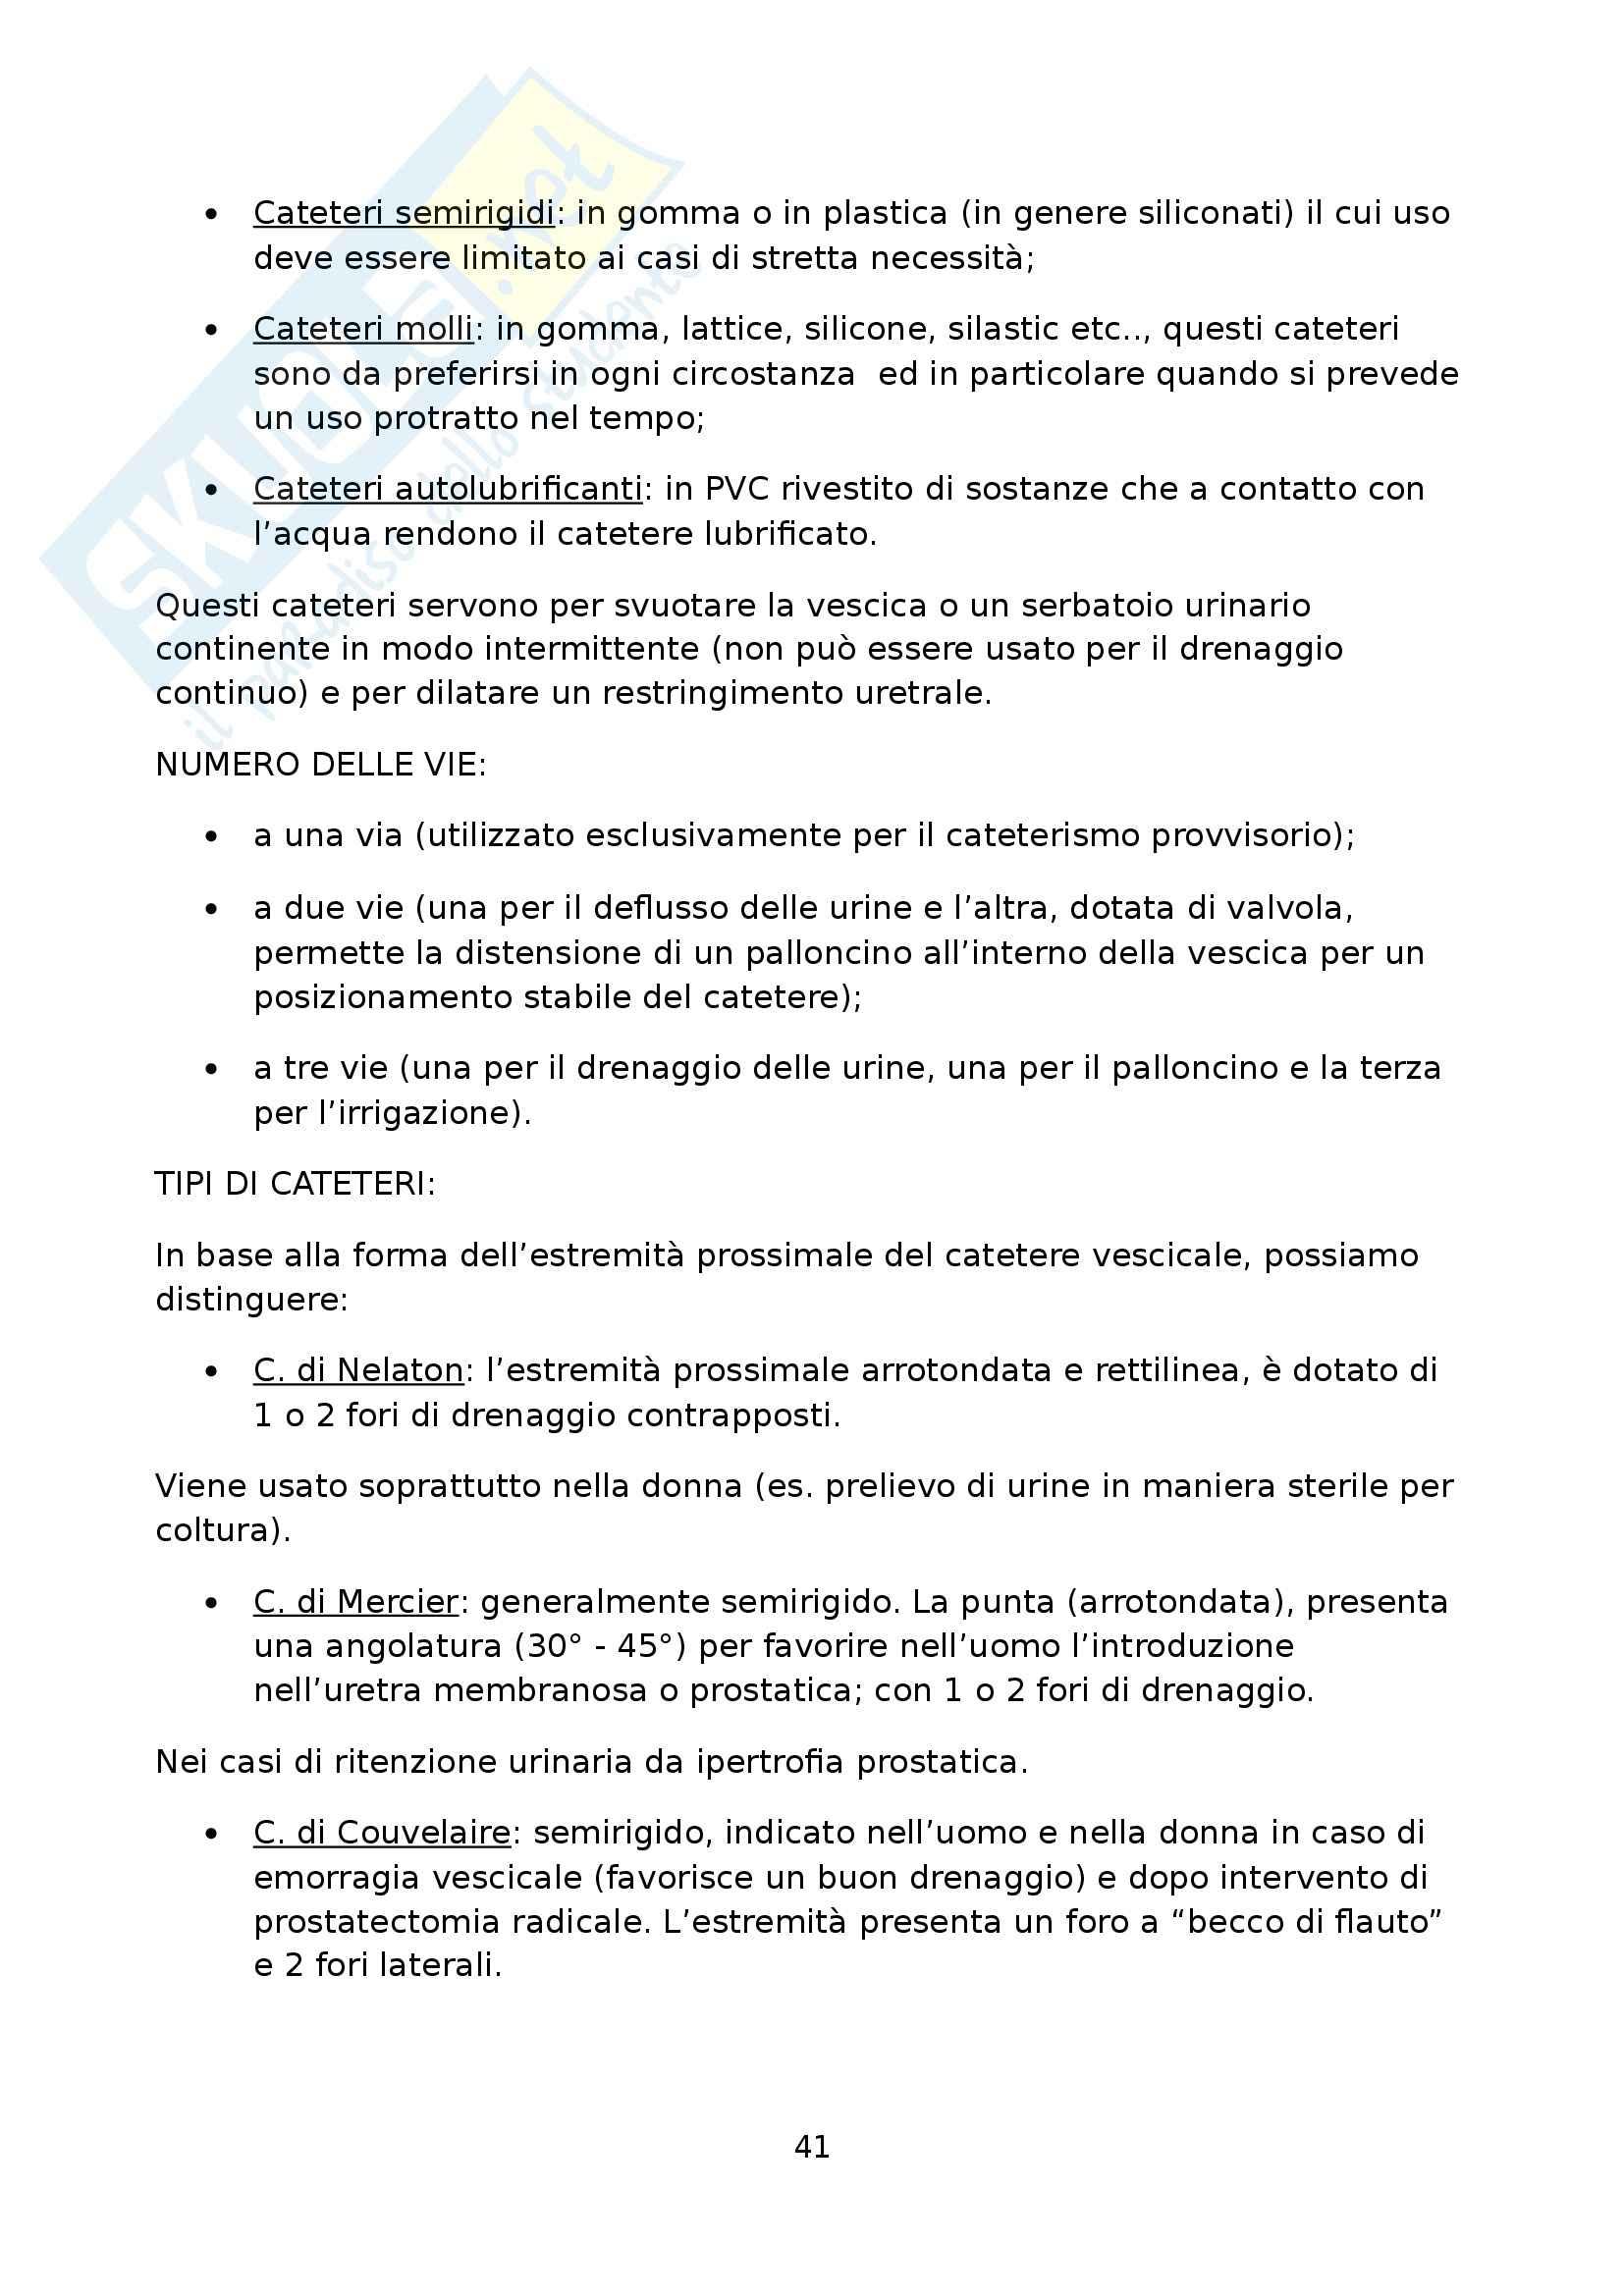 Tirocinio terzo anno - Relazione Pag. 41